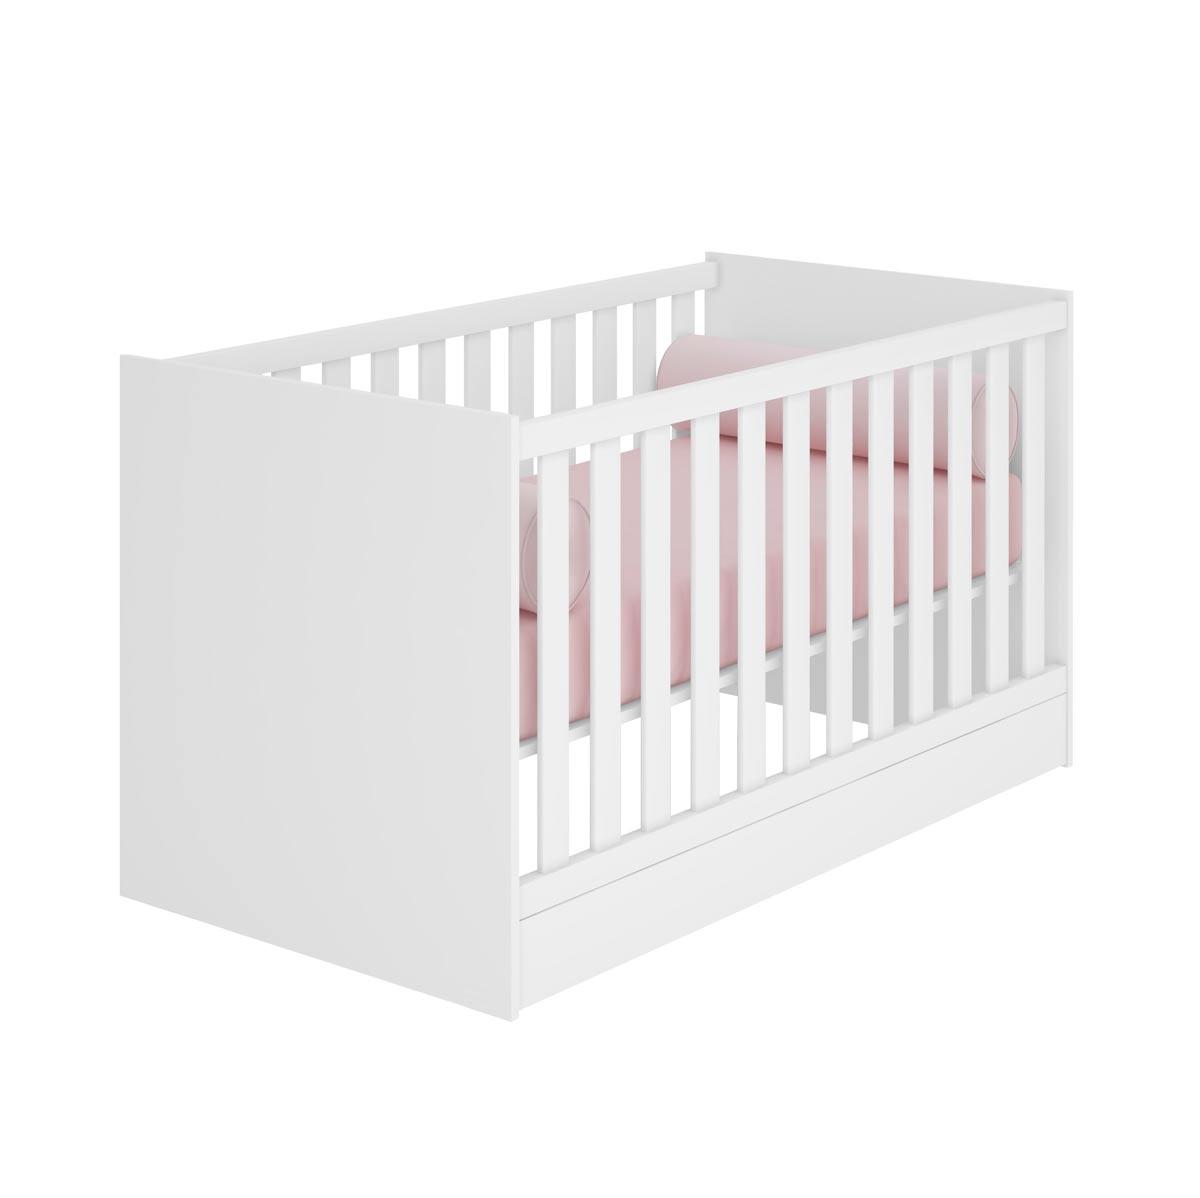 Jogo de Quarto para Bebê Completo Floc Branco - MoveisAqui